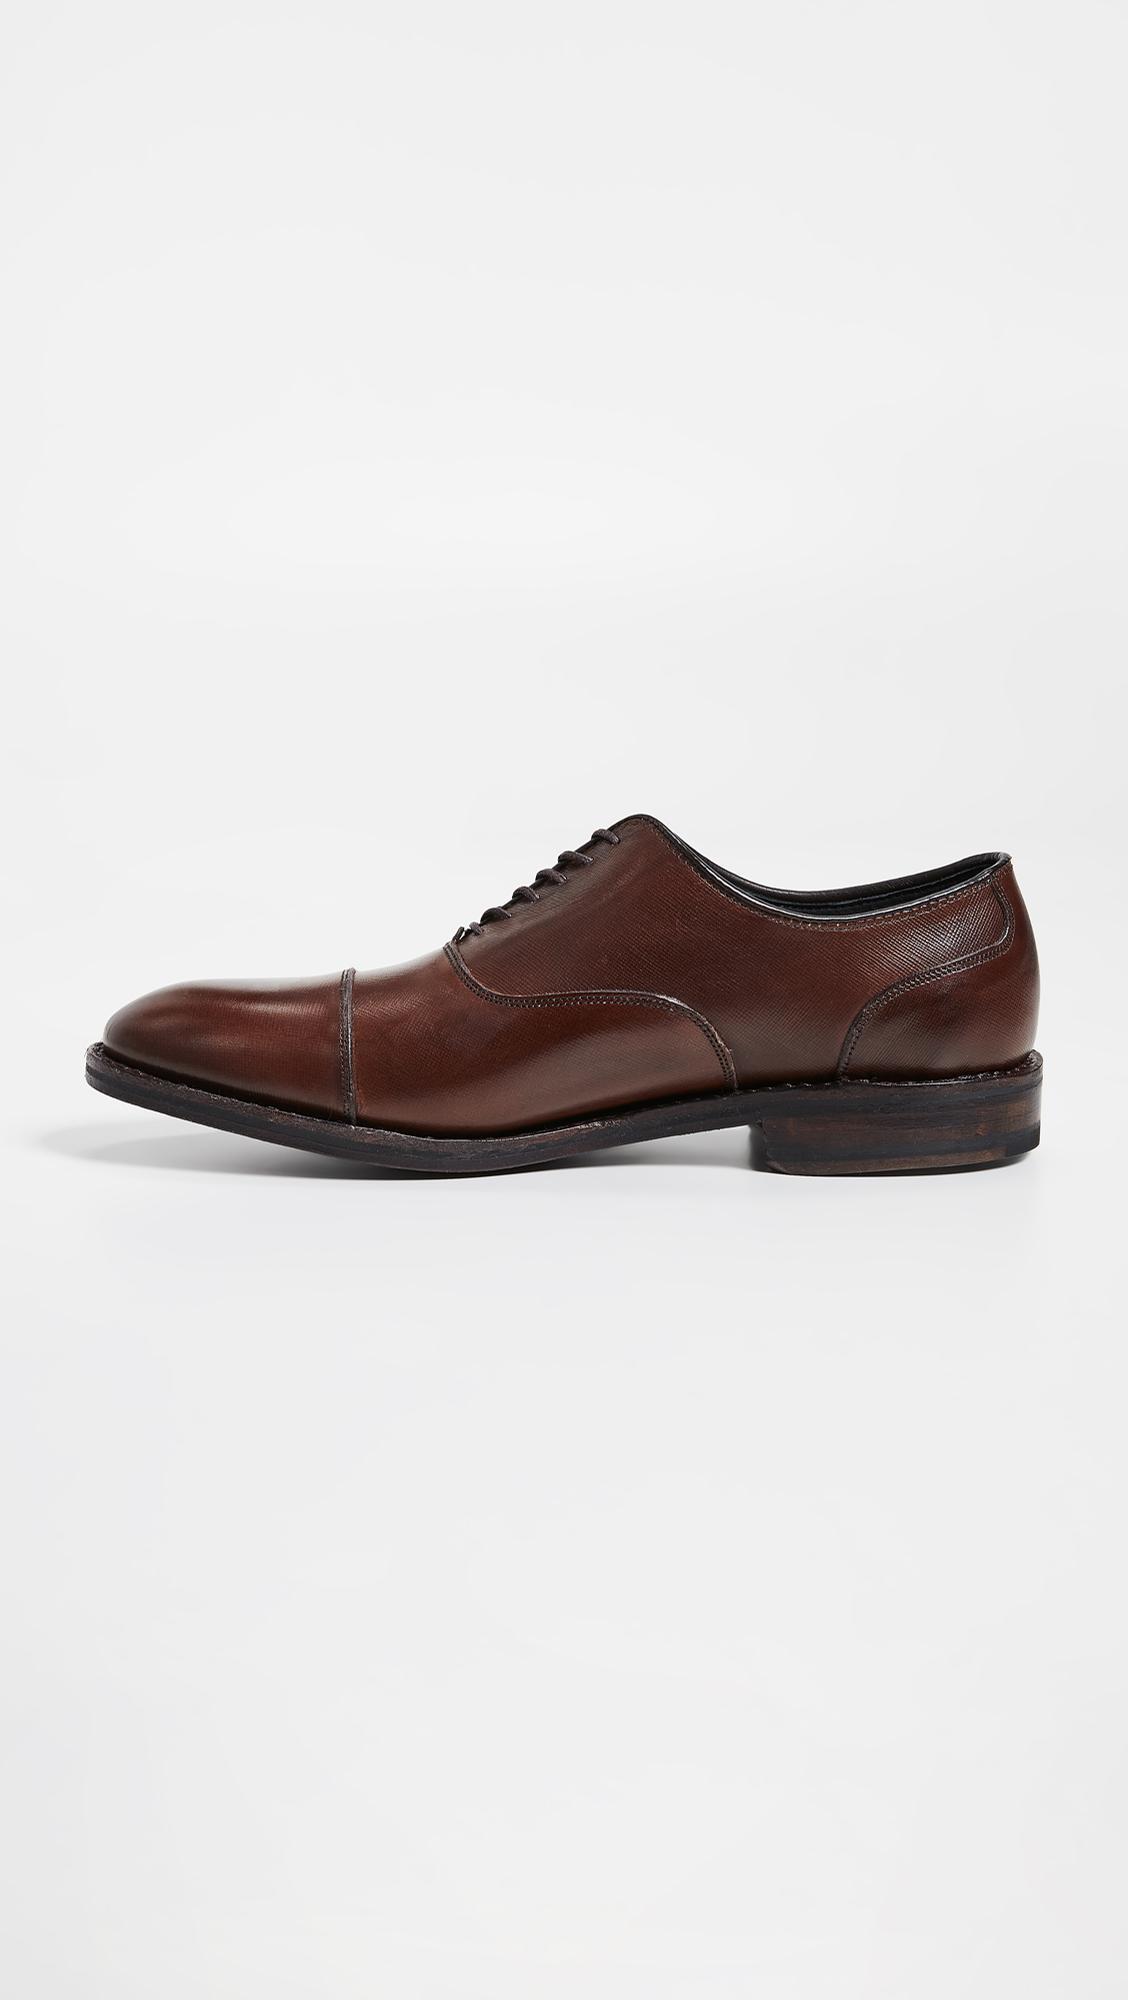 56320a8163f Allen Edmonds - Brown Bond Street Cap Toe Shoes for Men - Lyst. View  fullscreen